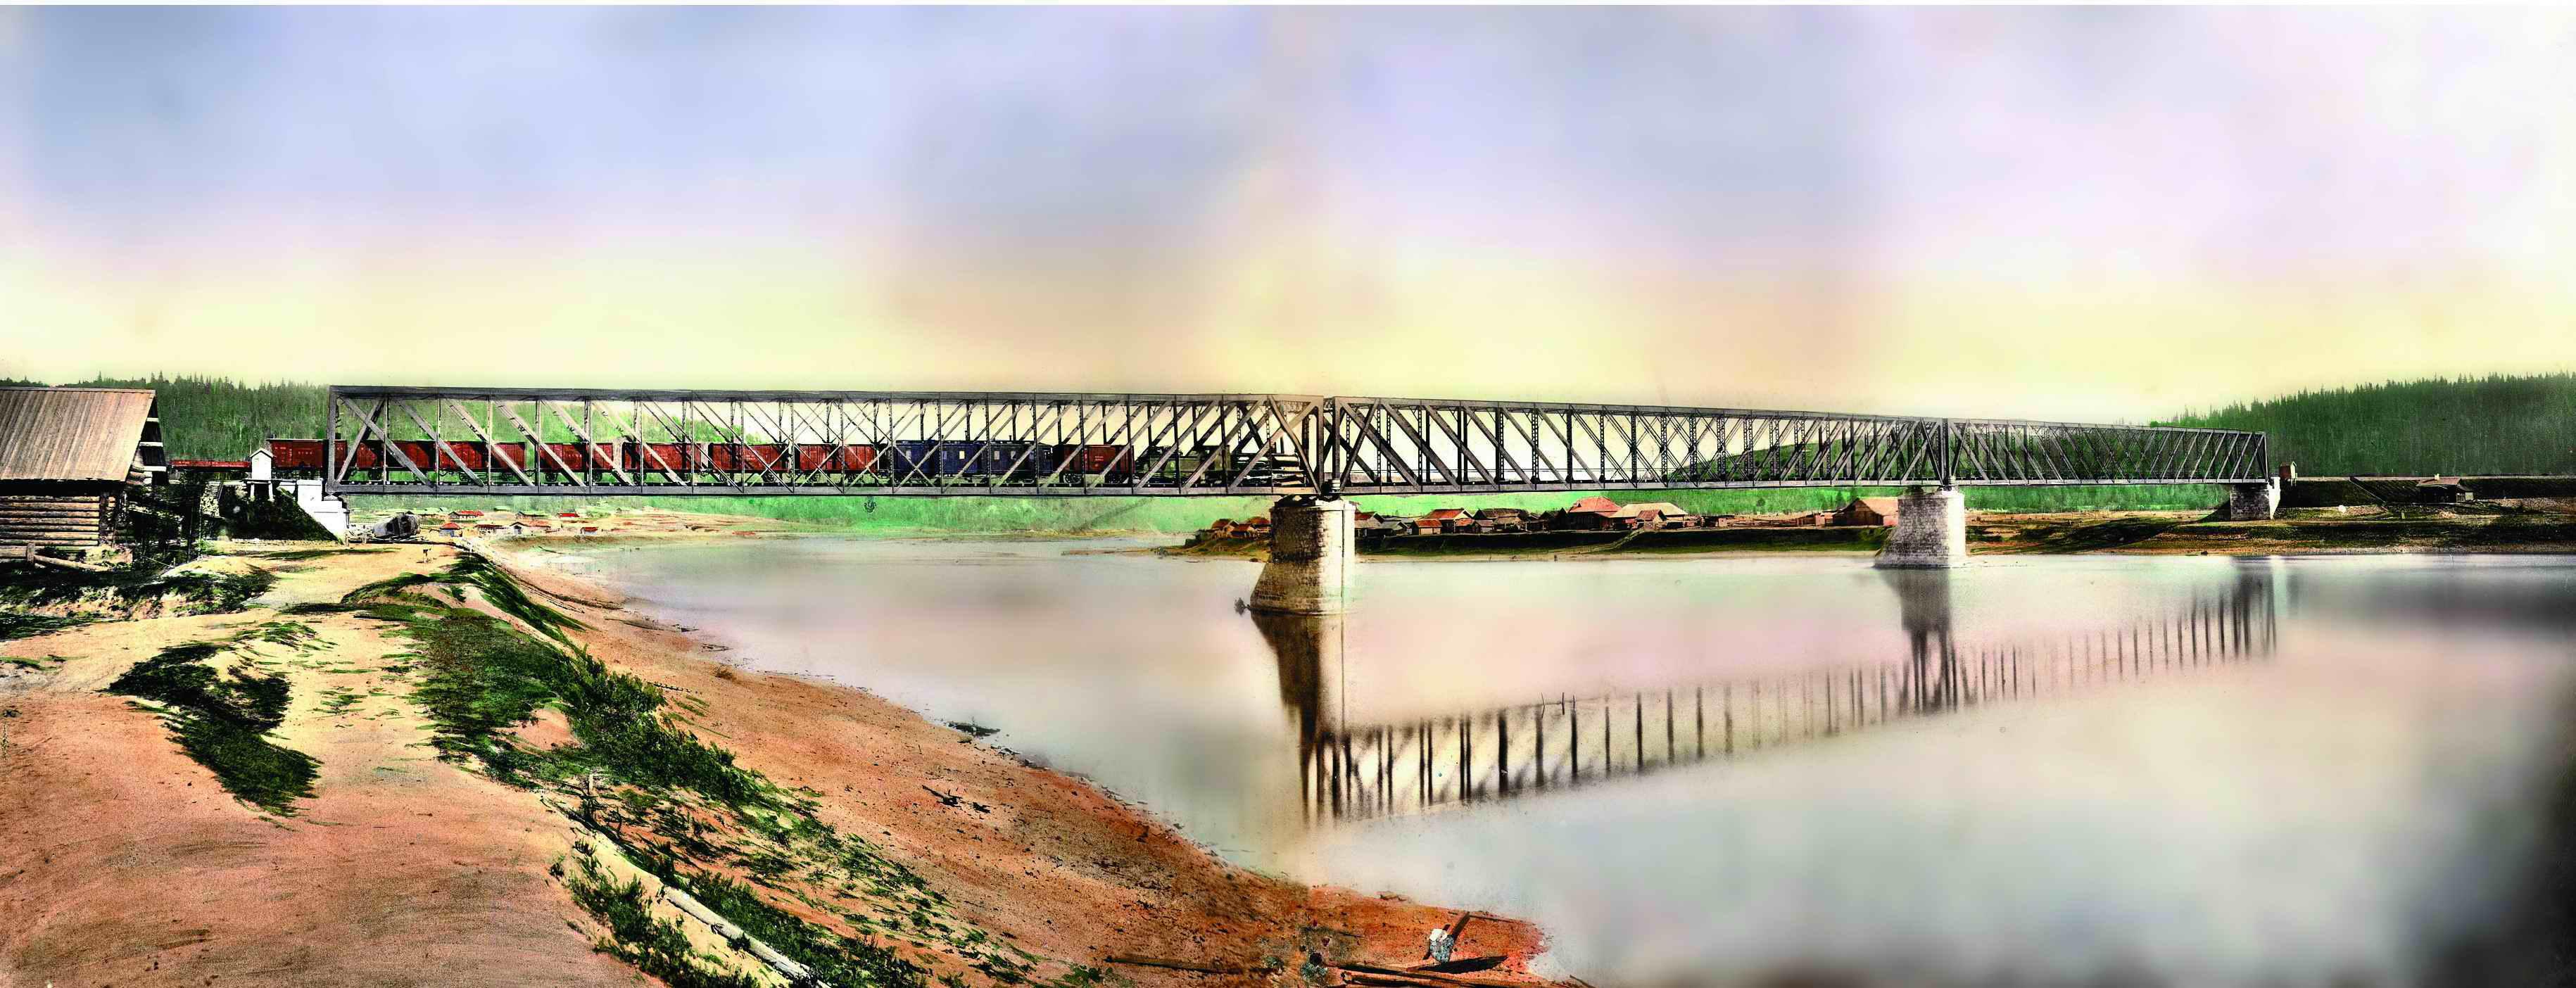 Мост через реку Чусовая